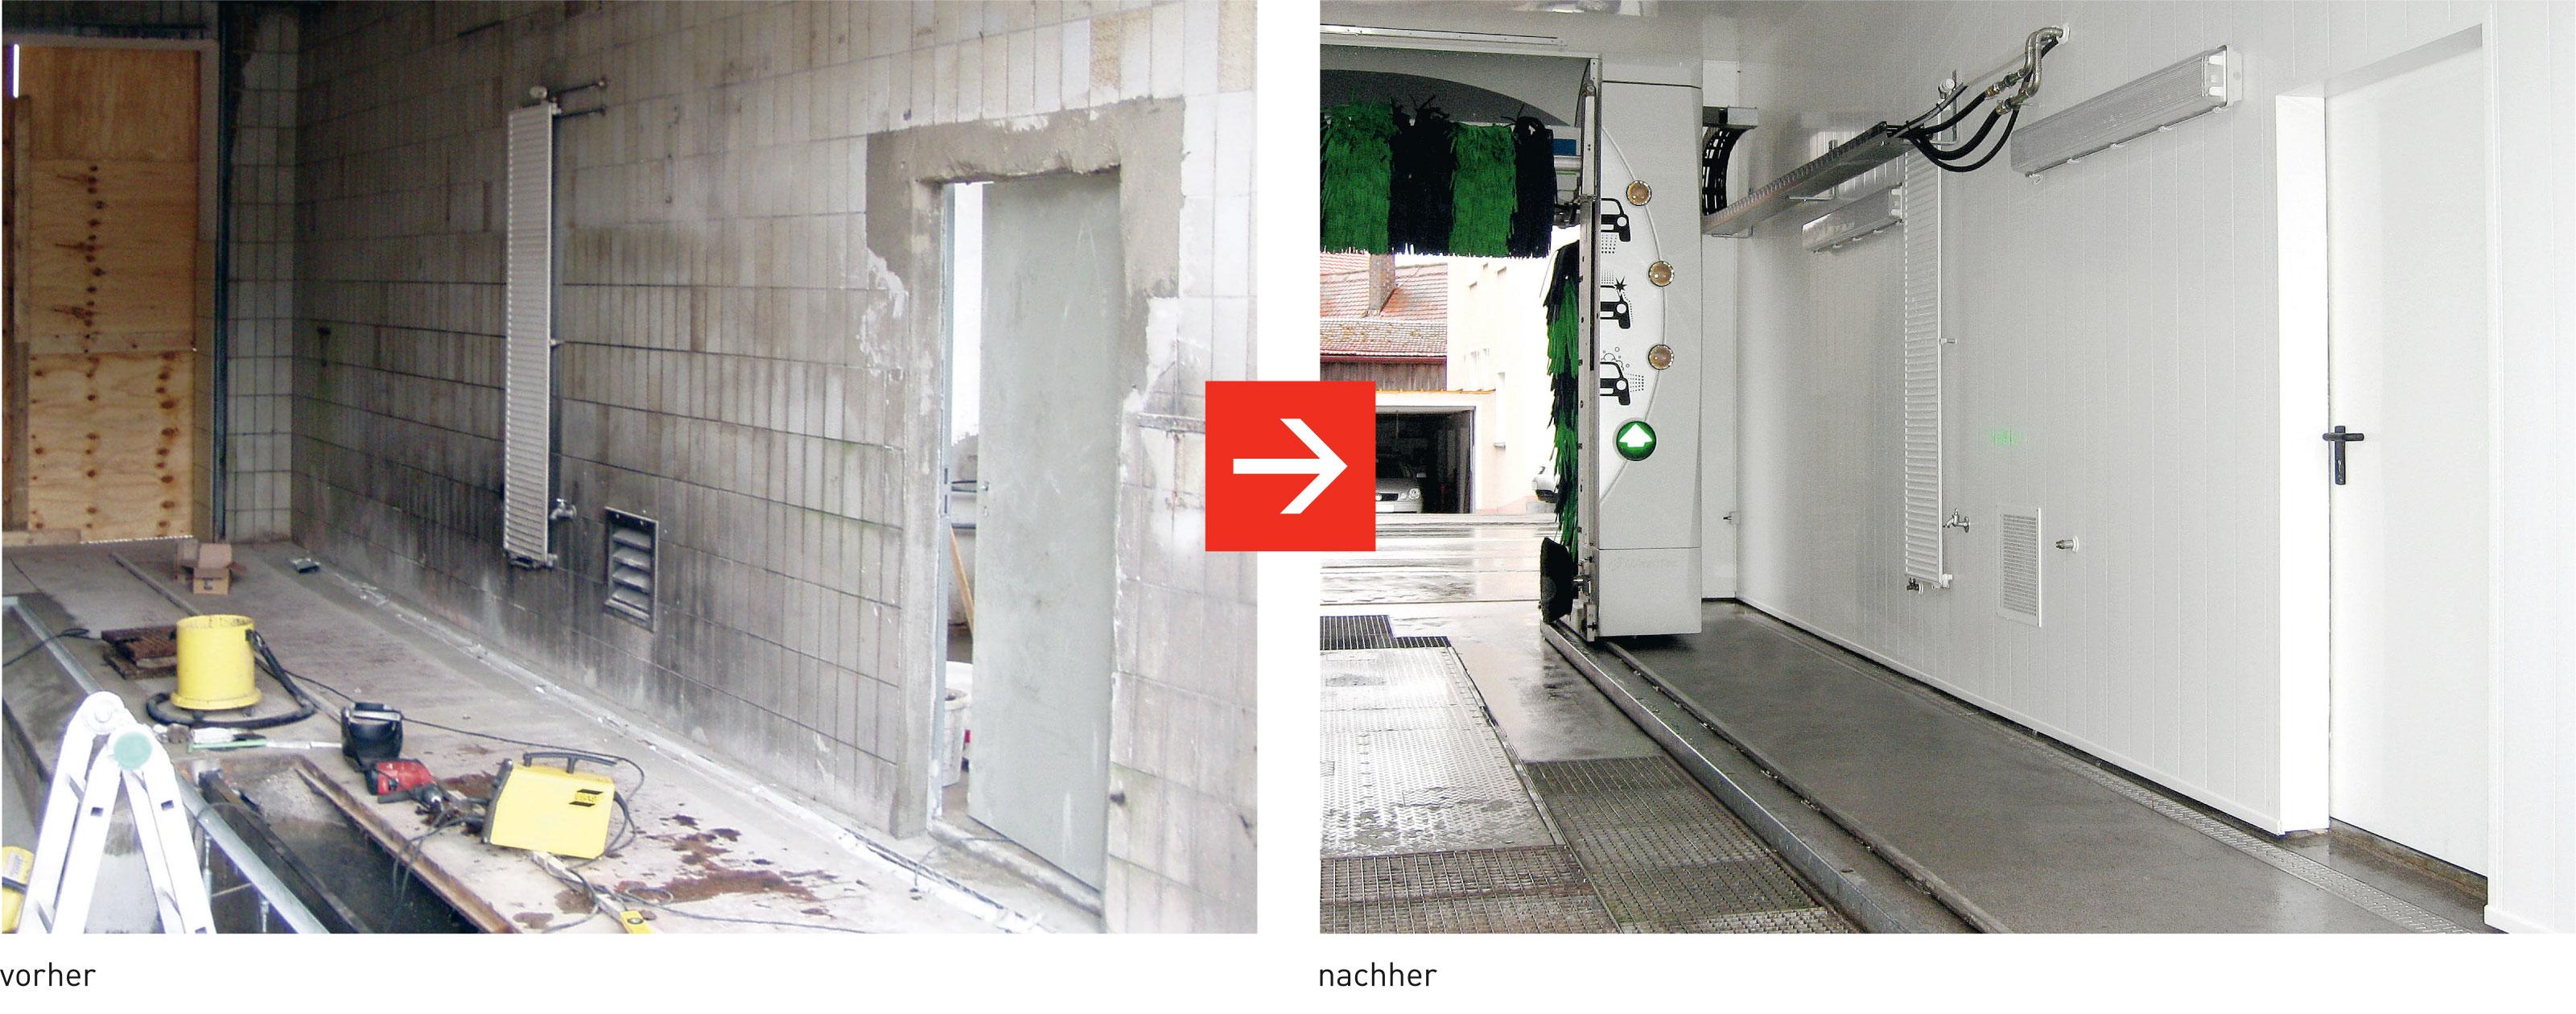 NSI PHG Sanierung Waschstrasse Waschhalle vorher-nachher